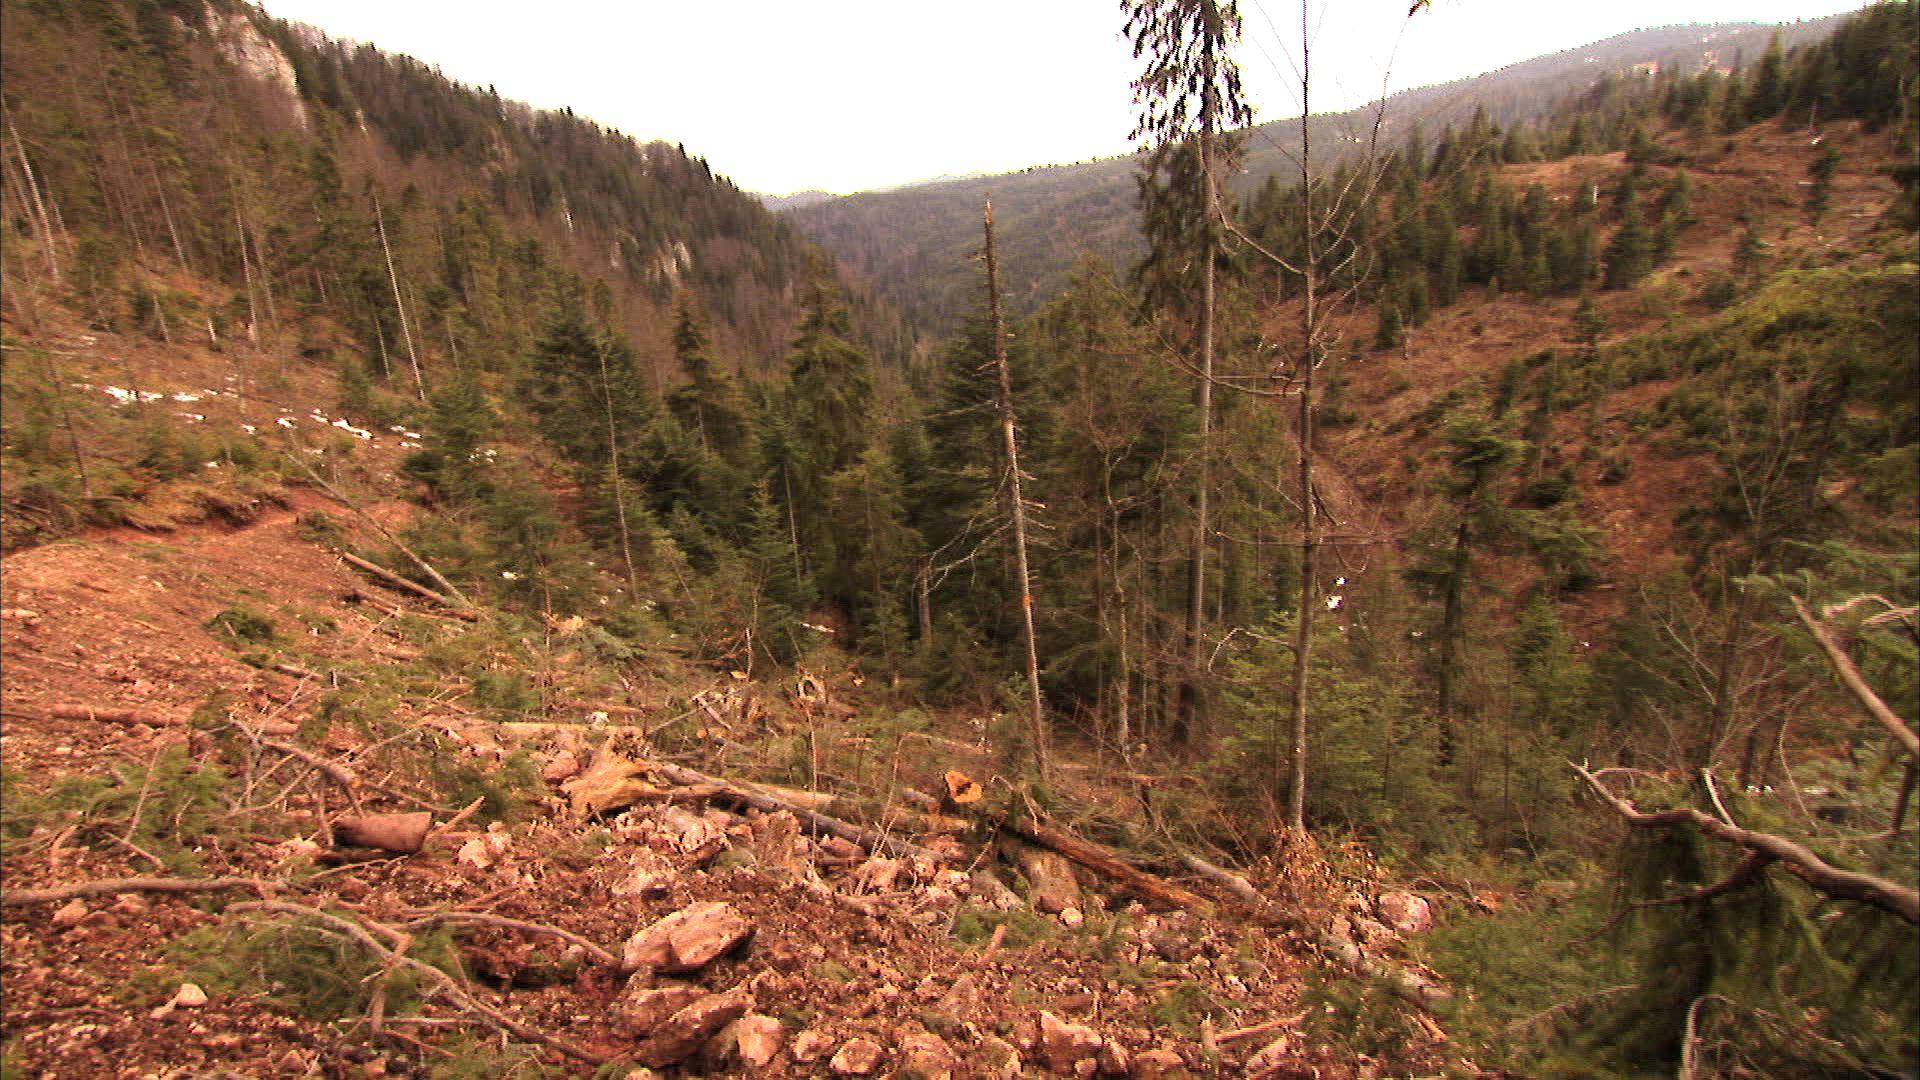 De aici a fost tăiat lemnul ajuns jos